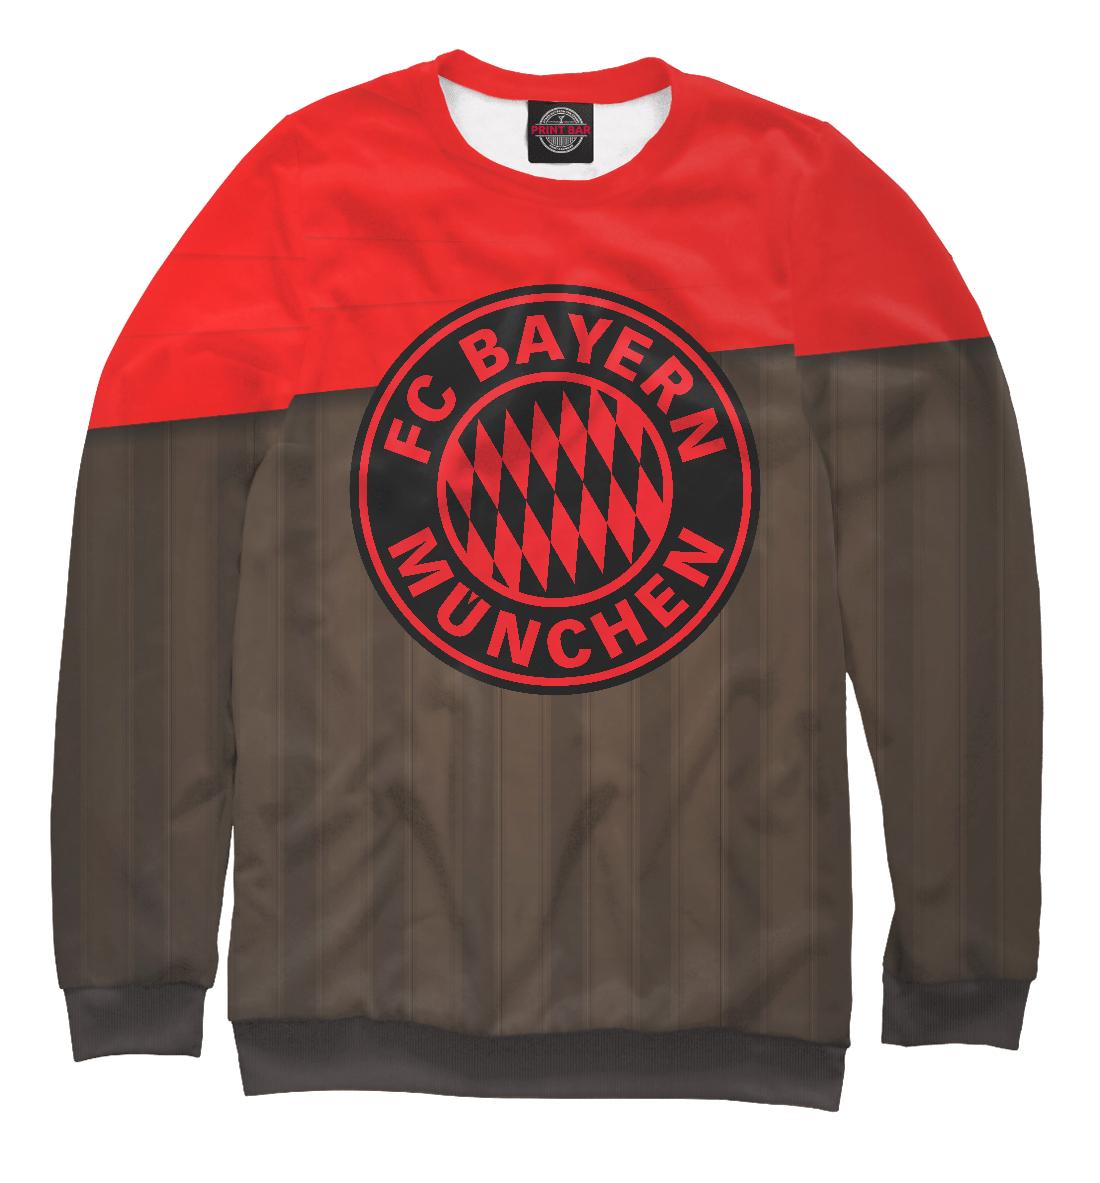 Купить FC Bayern Munchen, Printbar, Свитшоты, FTO-449809-swi-1